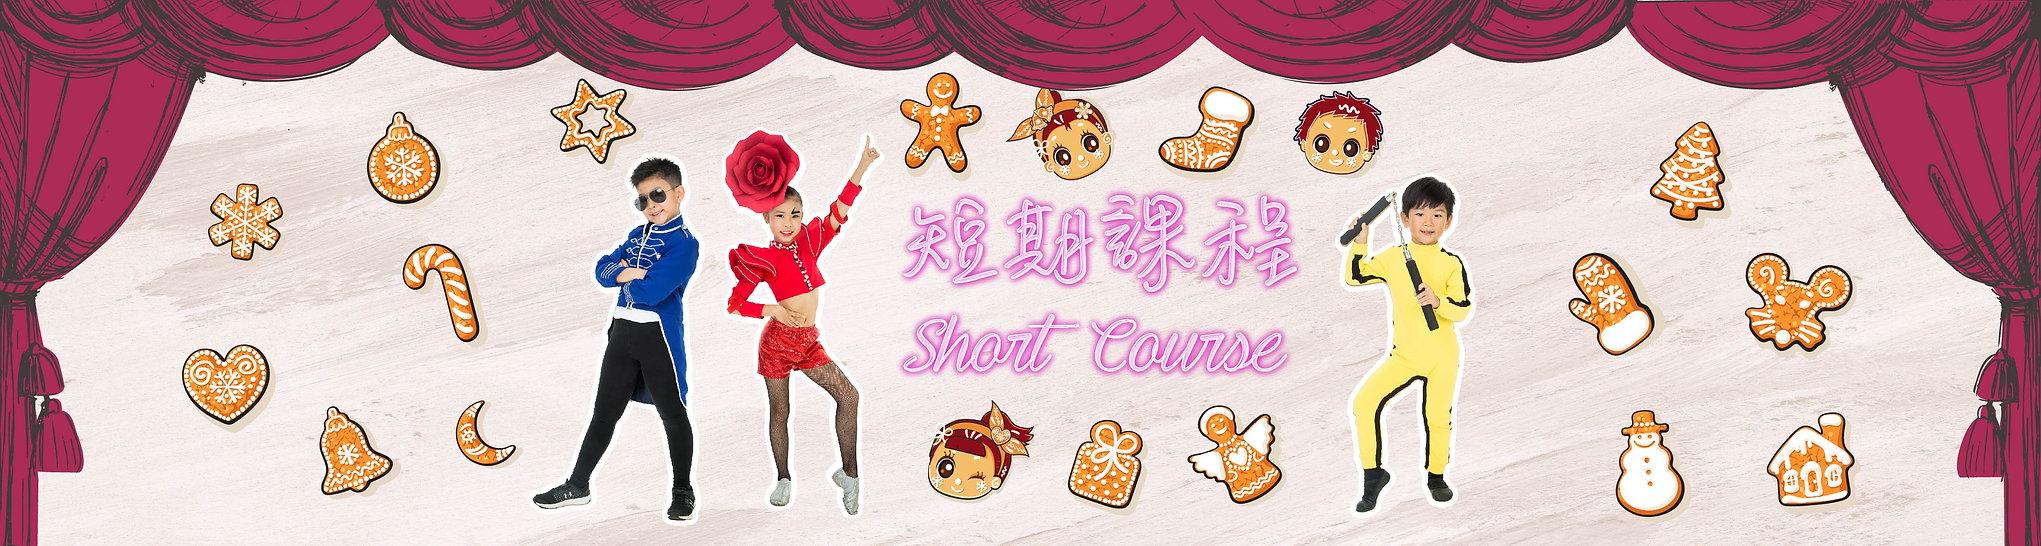 Xmas Short Course_Banner-01.jpg